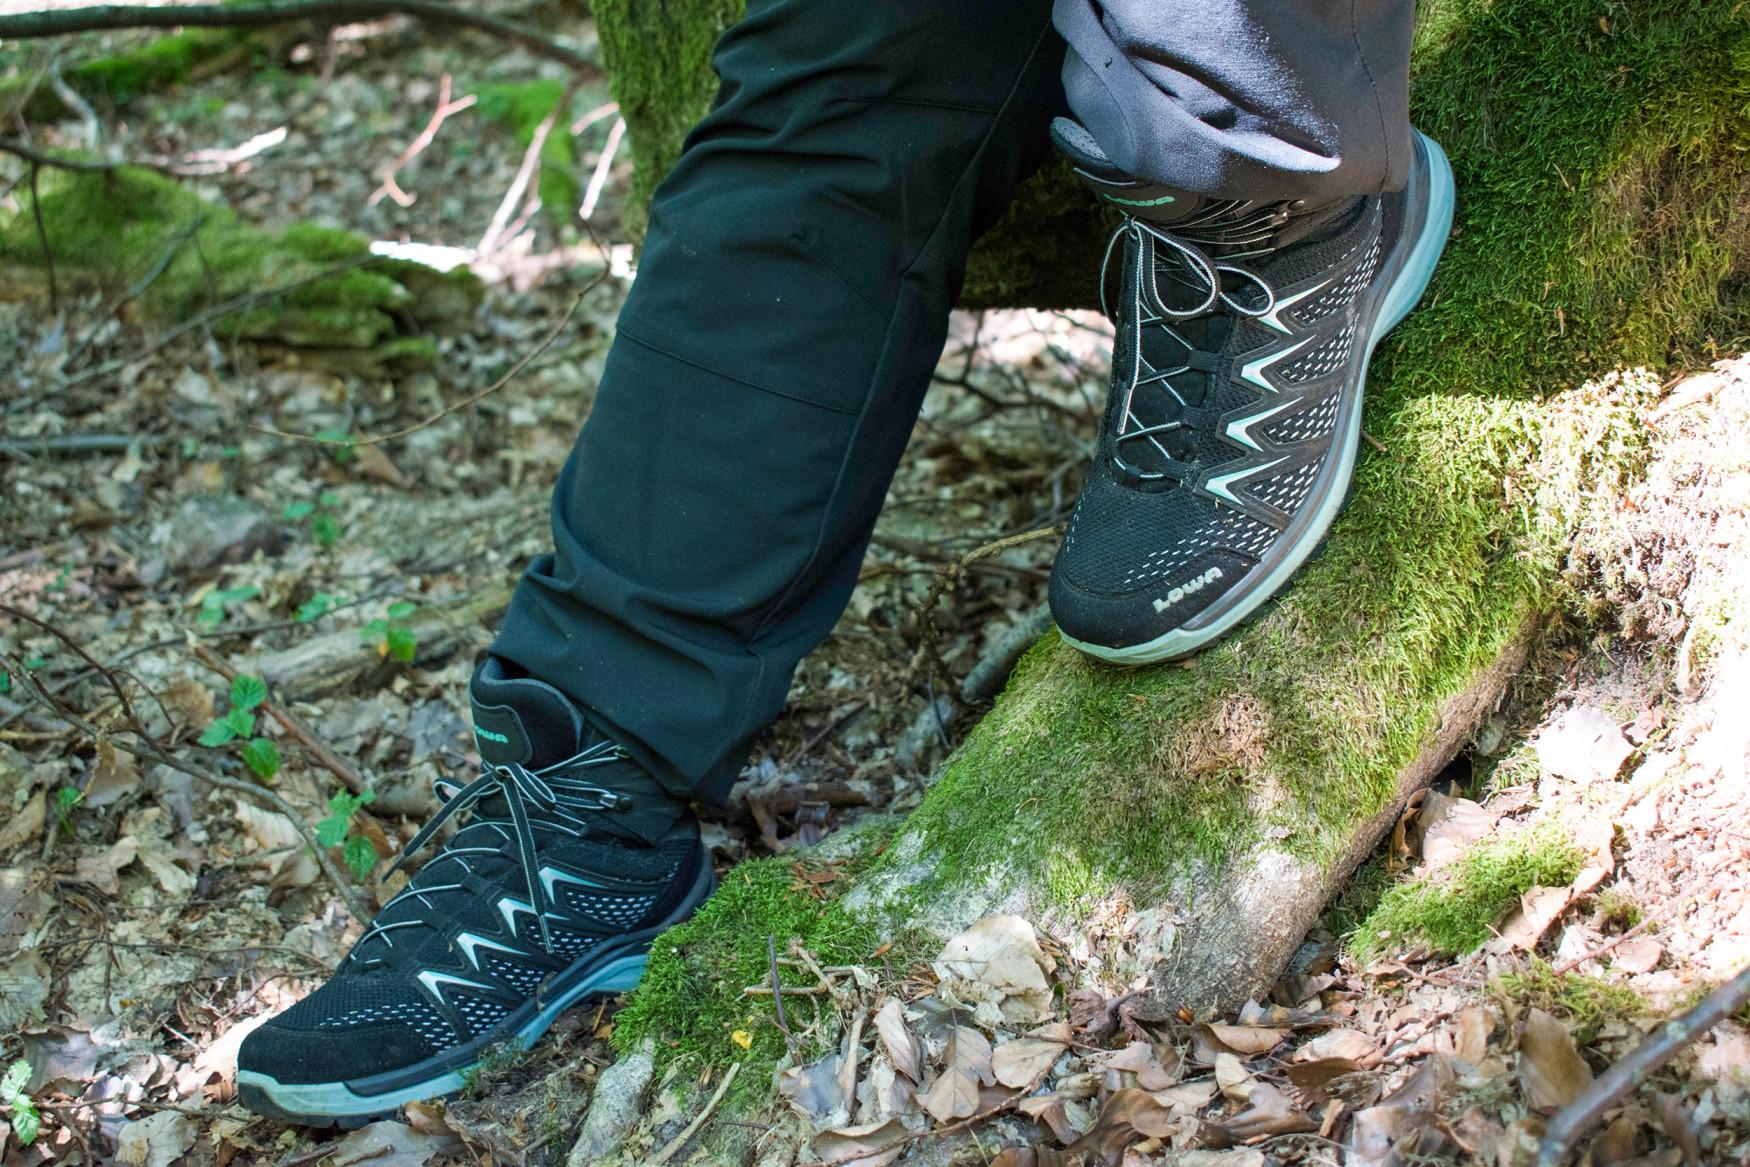 Le calzature colorate INNOX PRO GTX MID Ws si dimostrano straordinariamente flessibili quando una breve passeggiata nella natura si trasforma in una sfida escursionistica fuori programma. INNOX PRO GTX MID Ws supera brillantemente anche i brevi passaggi su un terreno sconosciuto. Infatti, mentre l'intersuola in LOWA DynaPU® garantisce l'effetto ammortizzante necessario, il telaio innovativo LOWA MONOWRAP® guida al meglio il piede in ogni suo passo sul terreno.